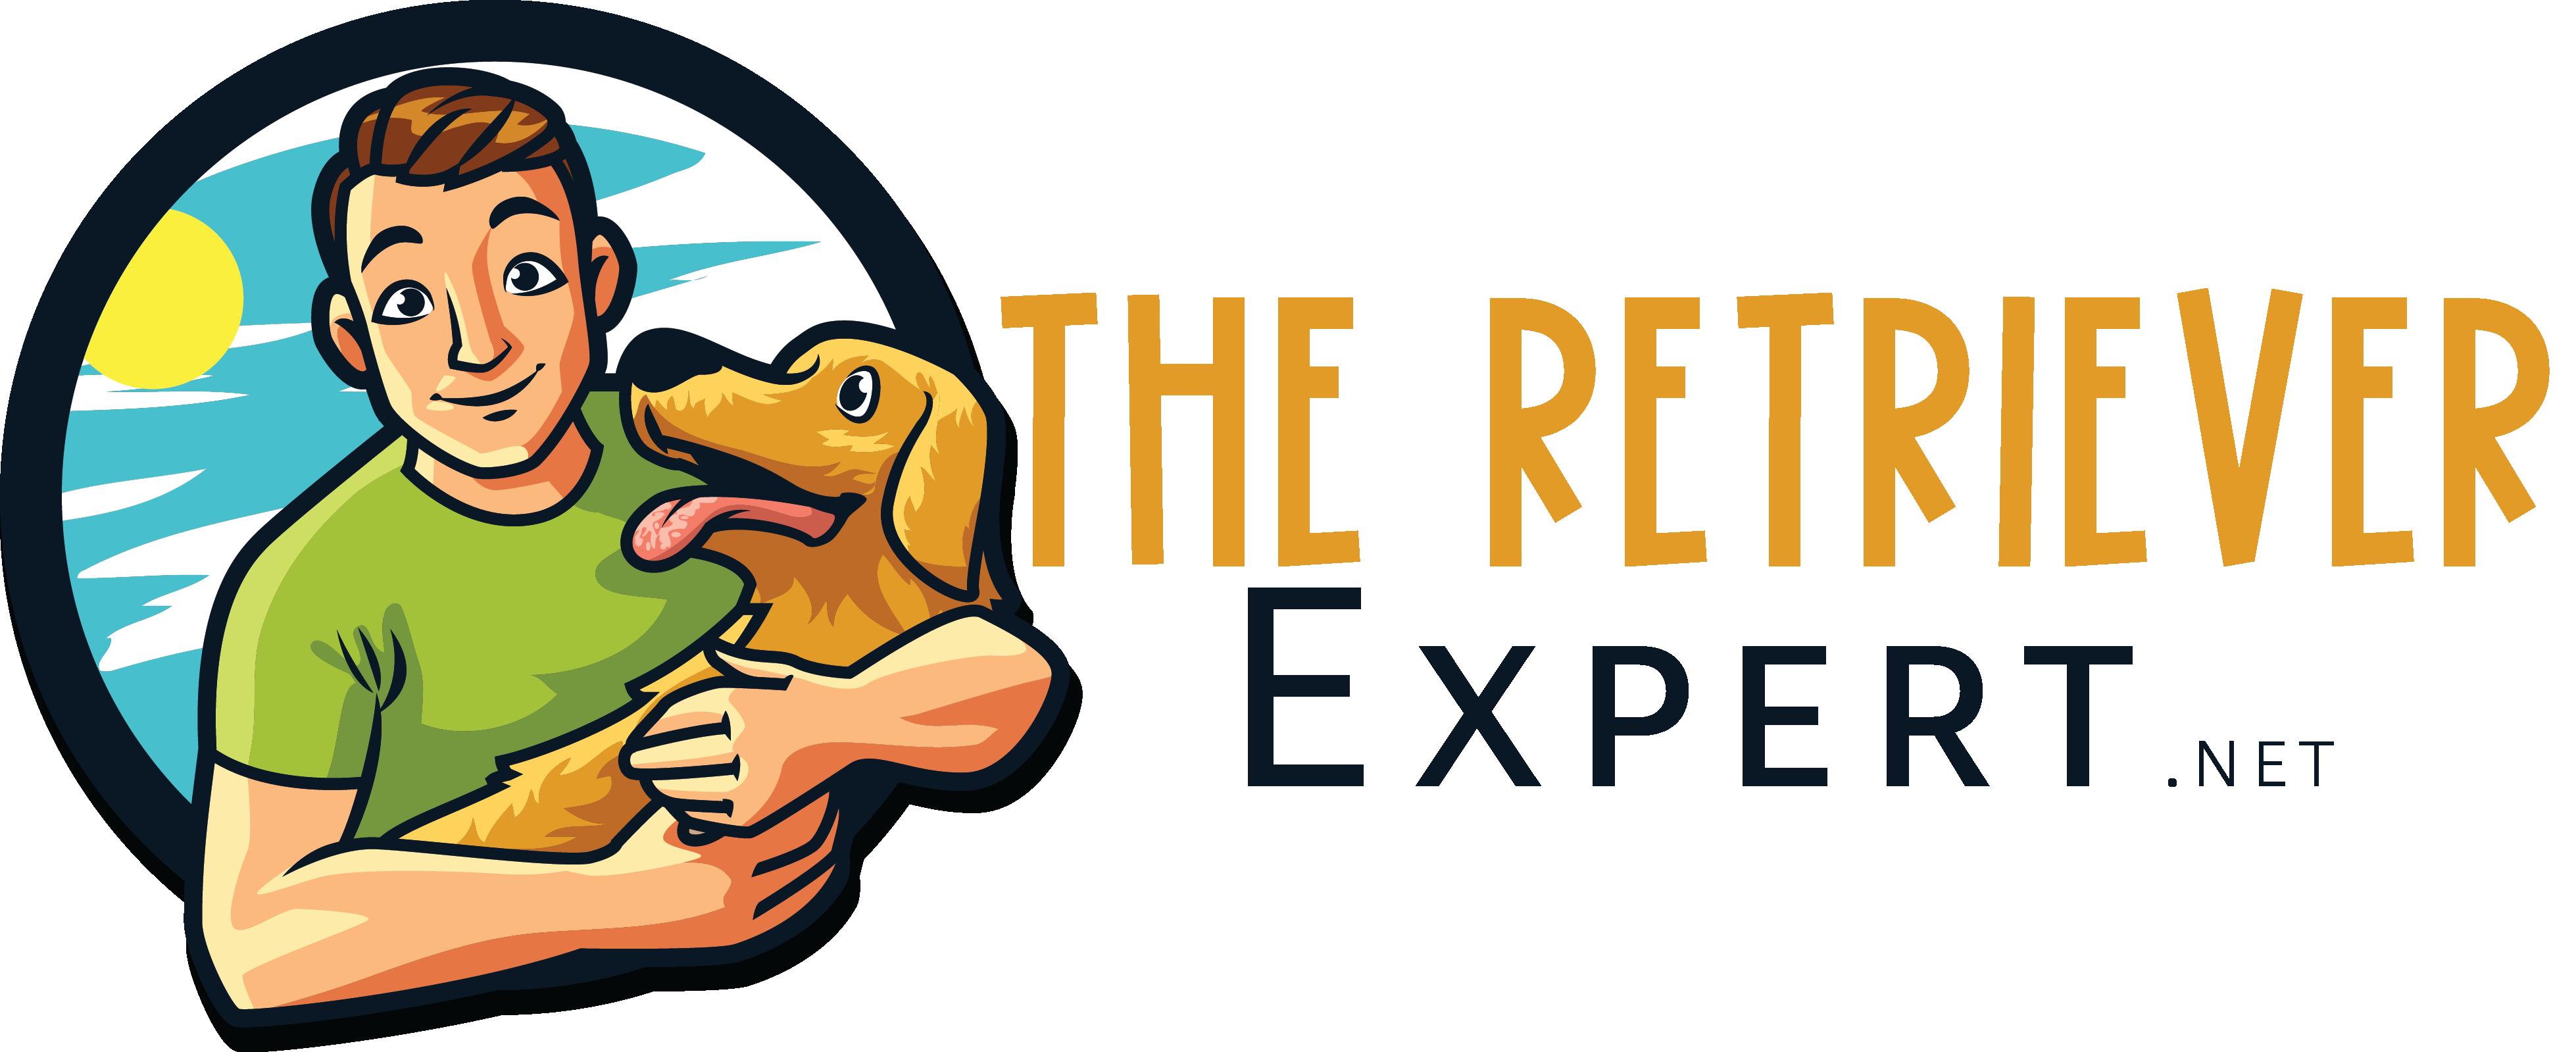 The Retriever Expert